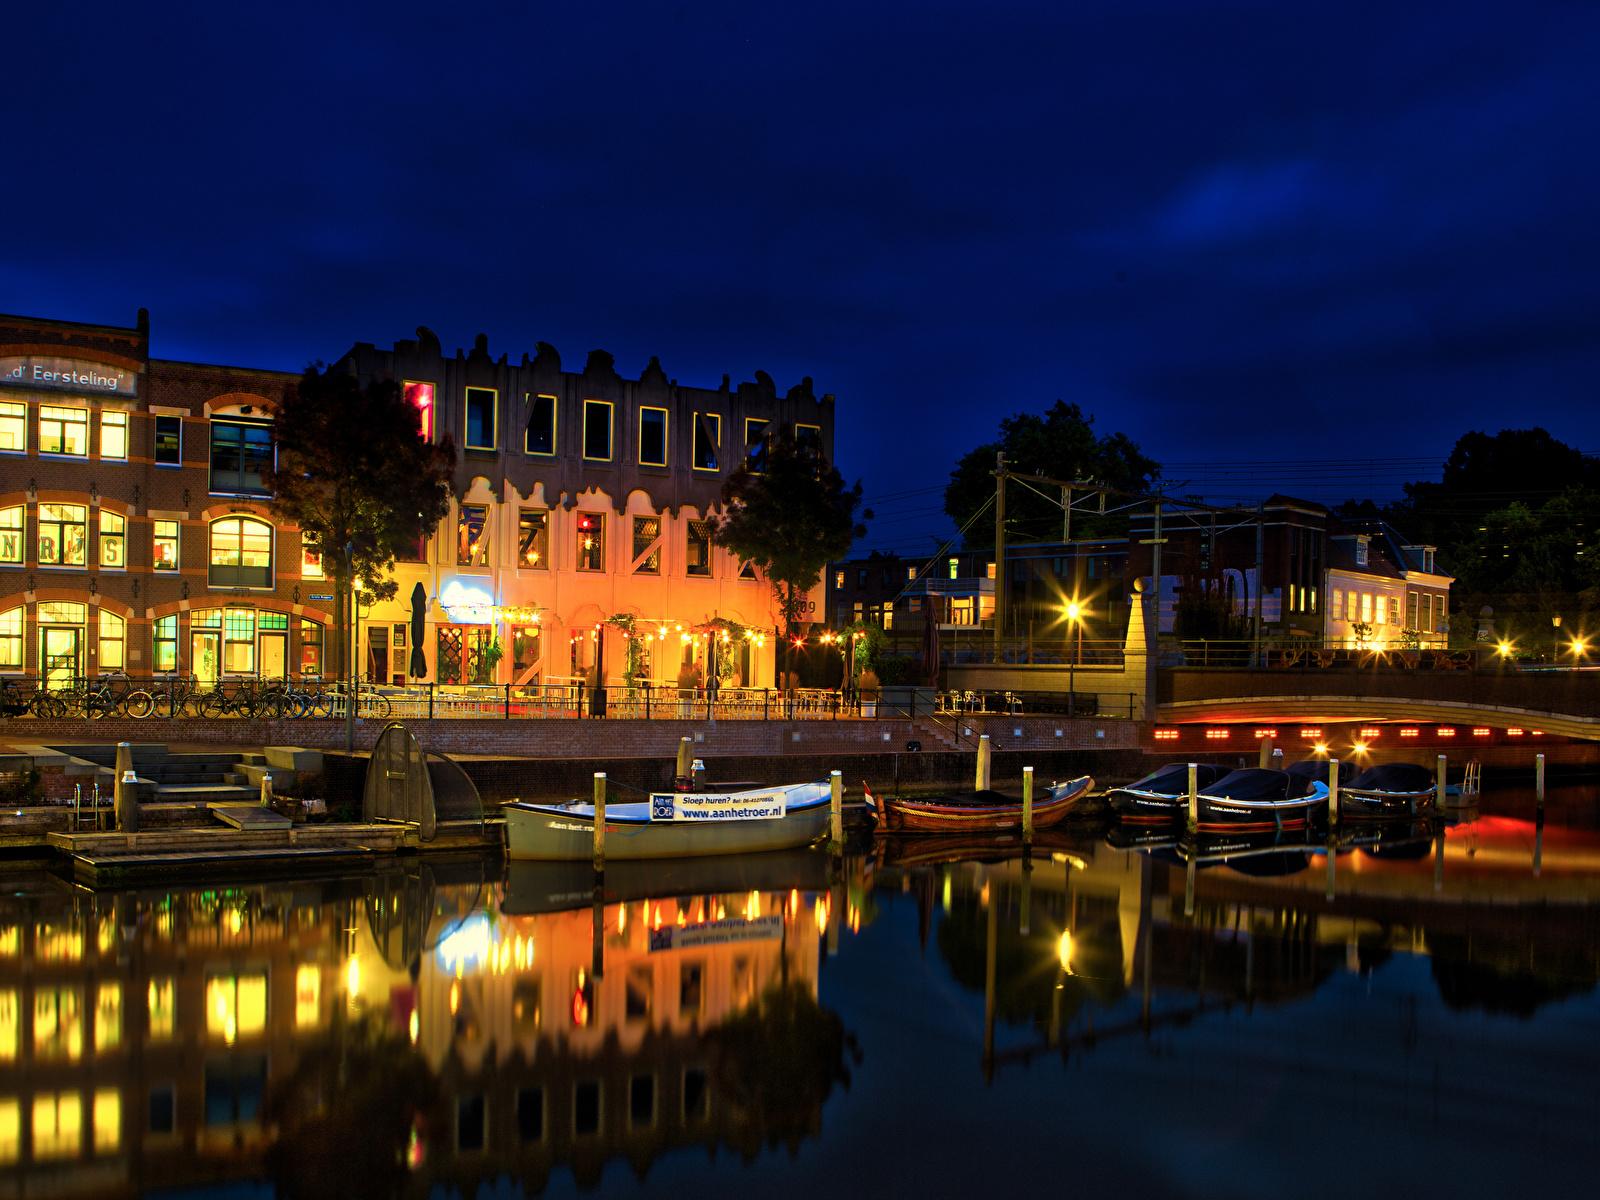 Фото Нидерланды Amersfoort canals Водный канал Ночь Лодки Причалы Уличные фонари Дома Города 1600x1200 Пирсы Ночные Пристань Здания